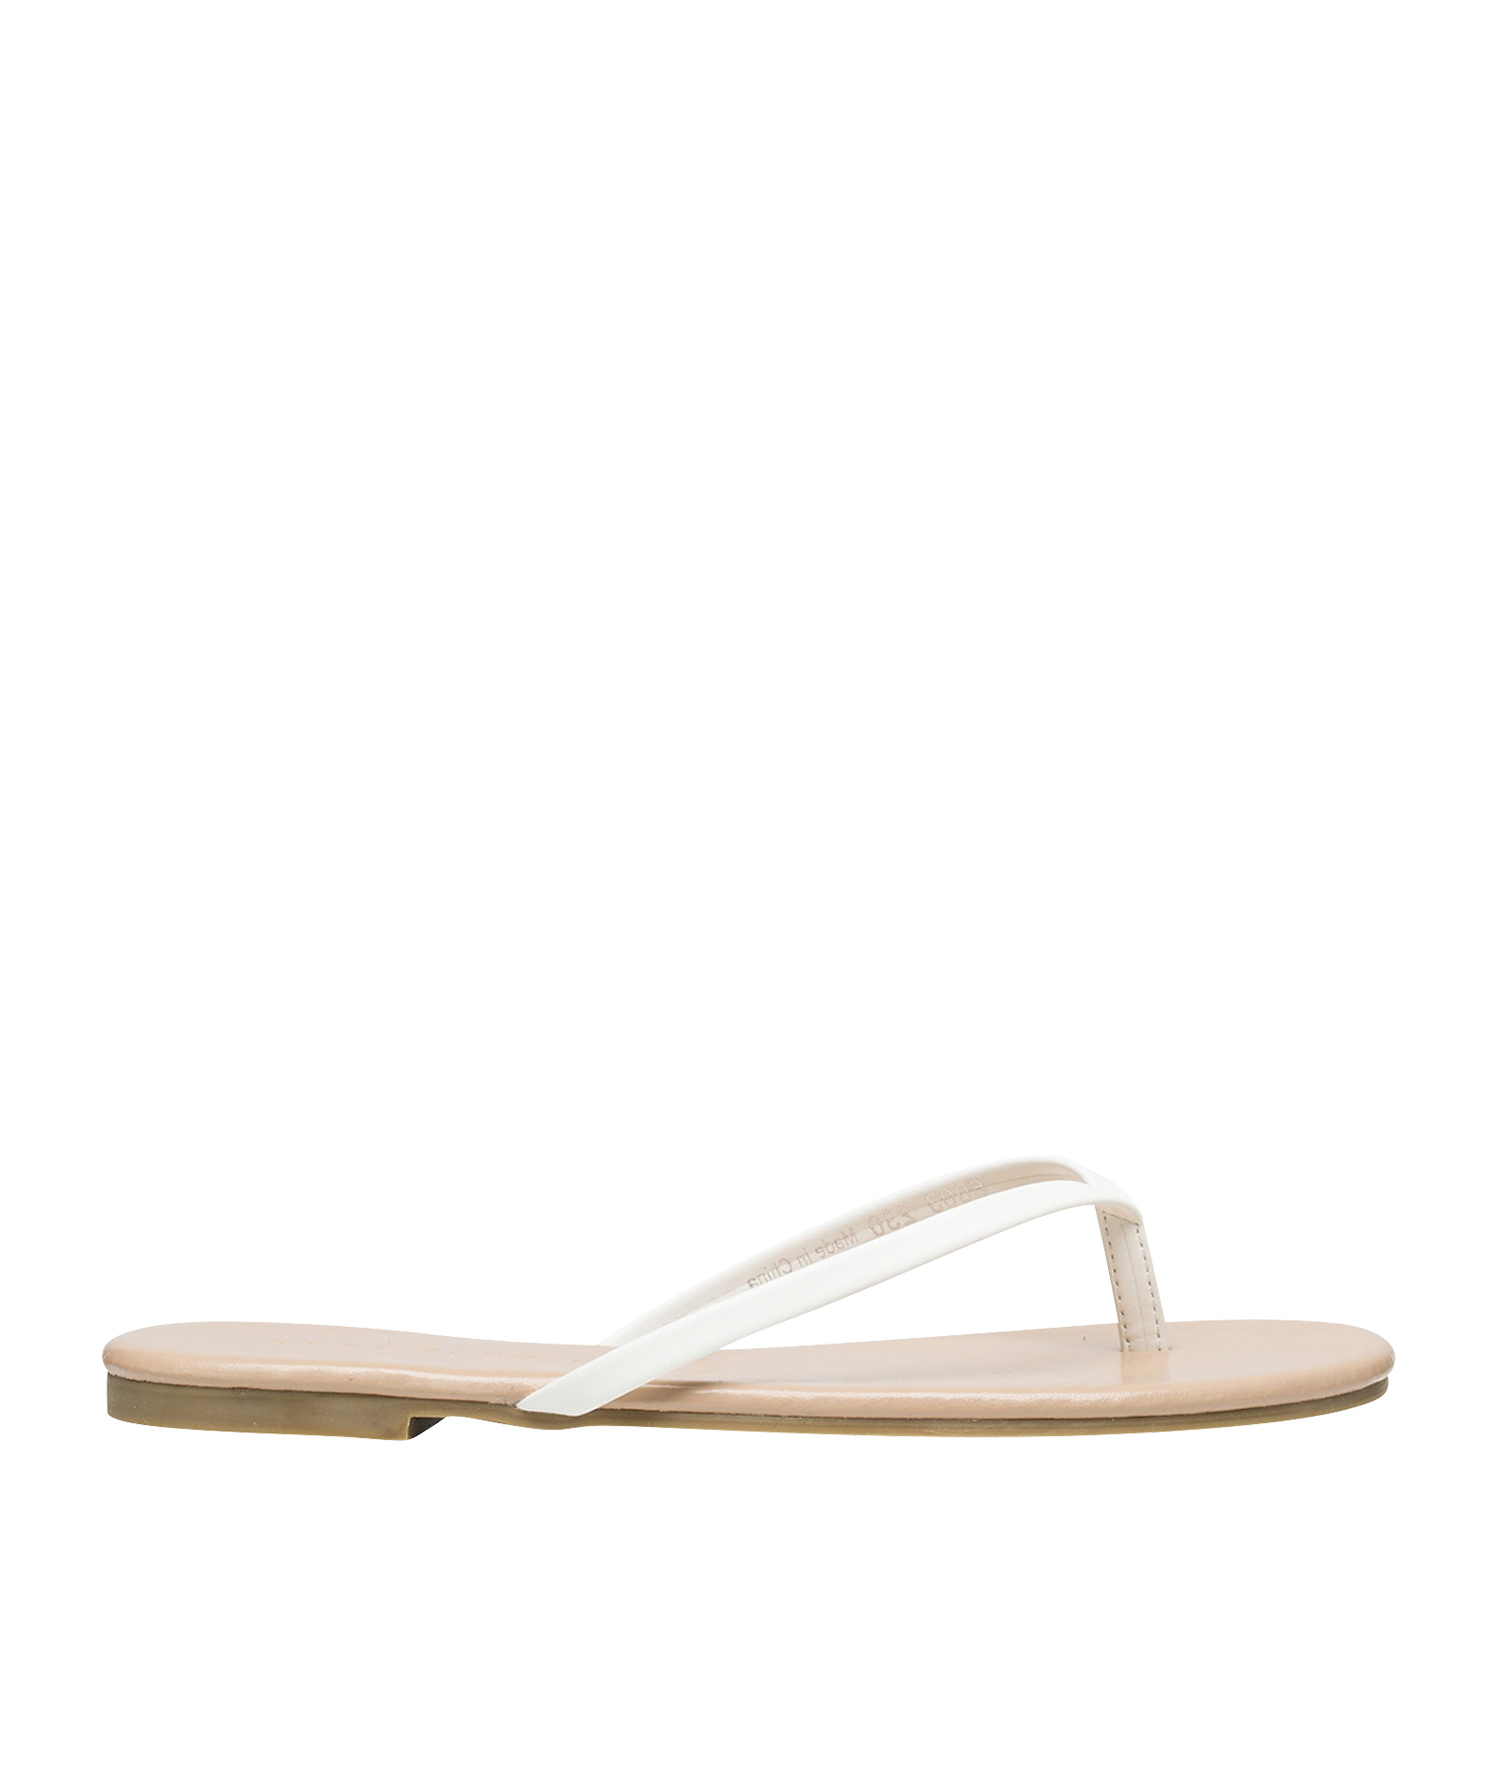 a264c5502 AnnaKastle Womens Dorie Simple Flip Flop Shoes White